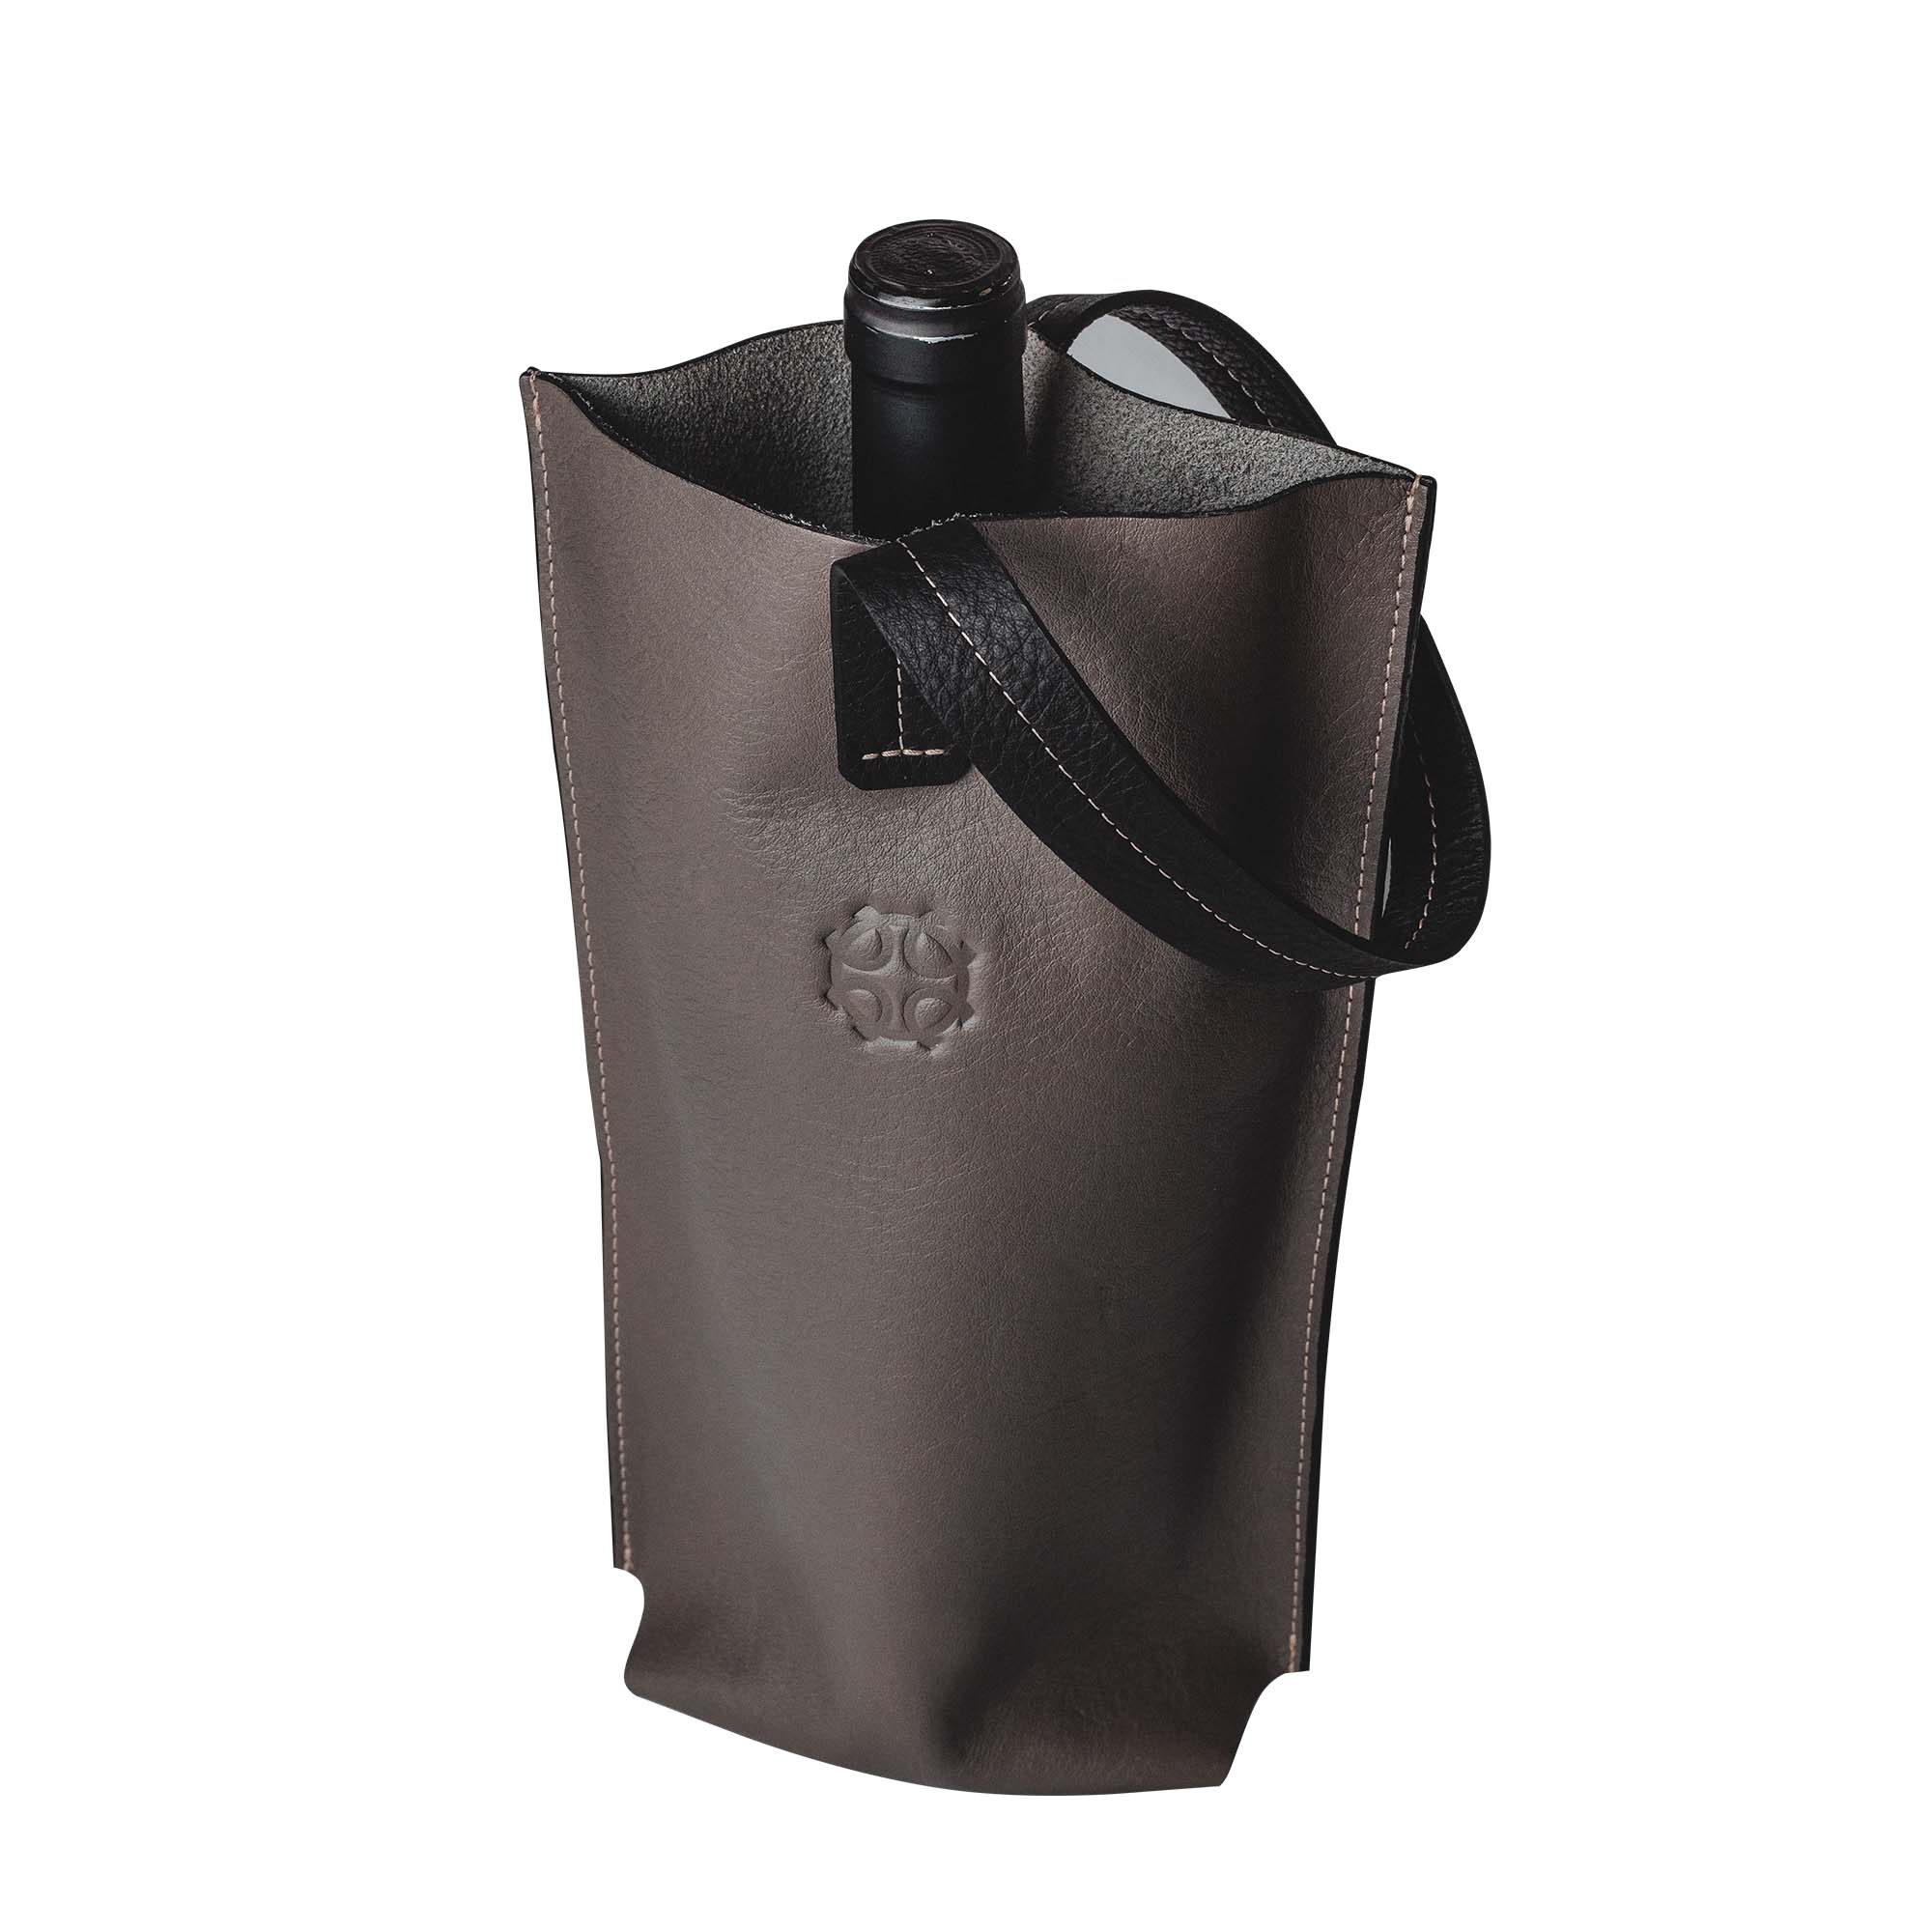 BAG DE COURO (cor cinza)